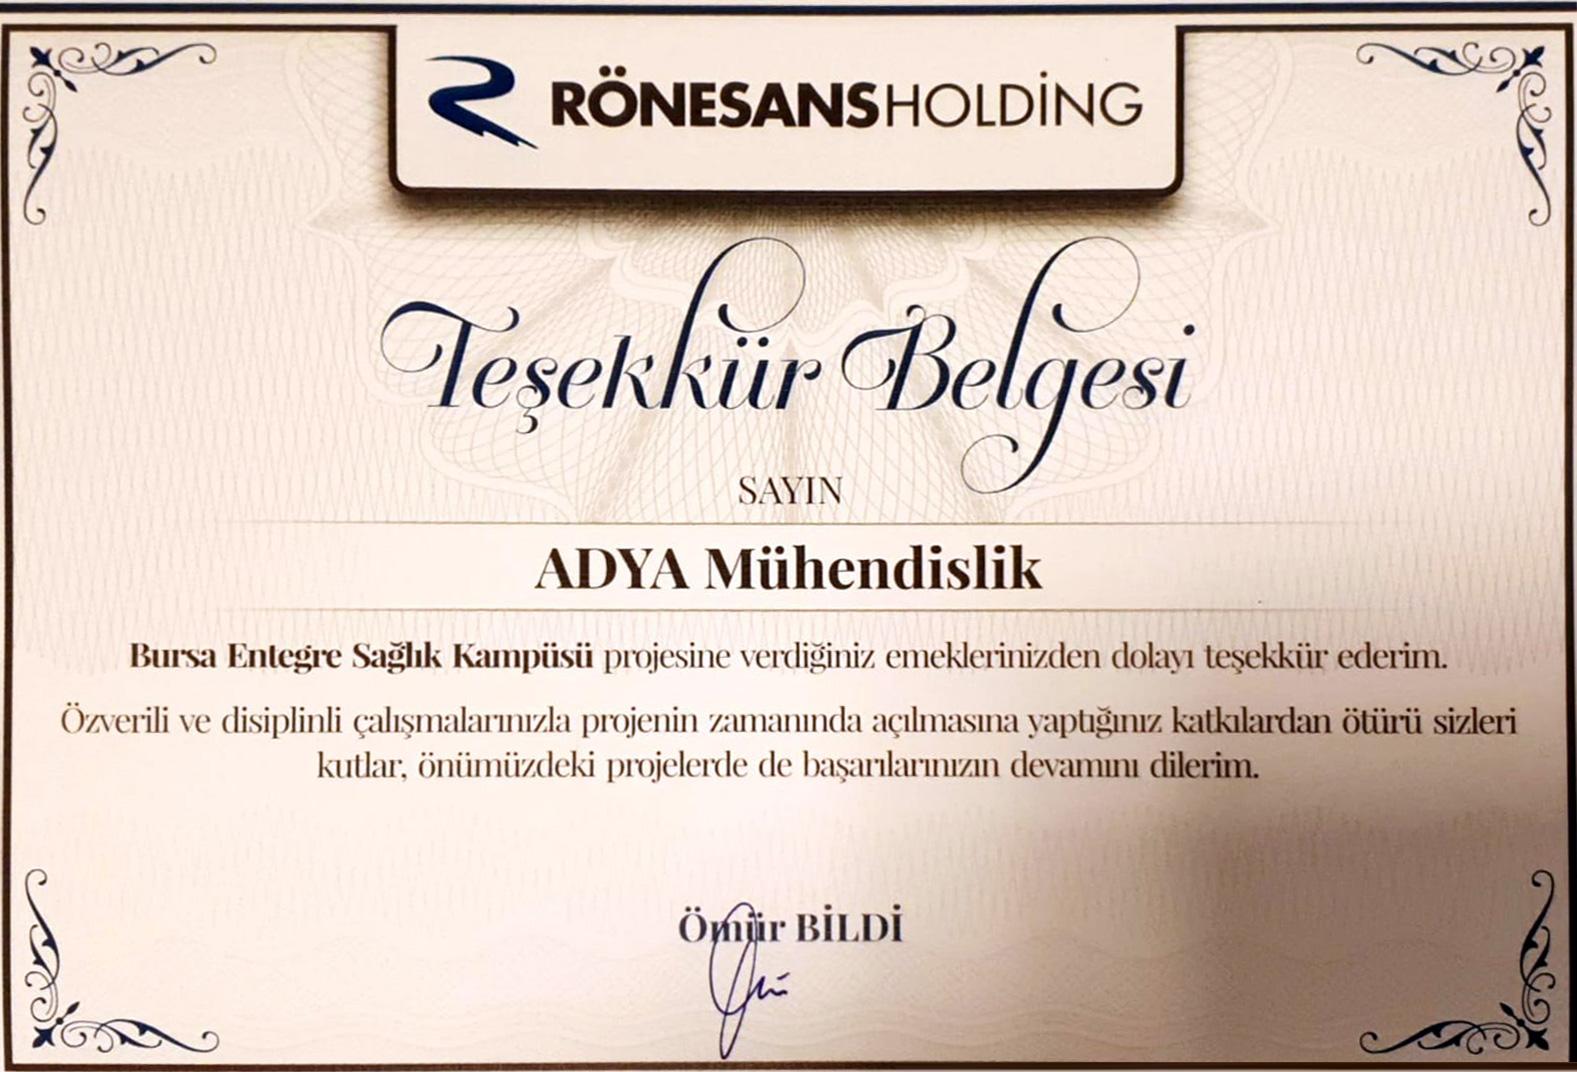 adya-muhendislik-ronesans-holding-tesekkur-belgesi